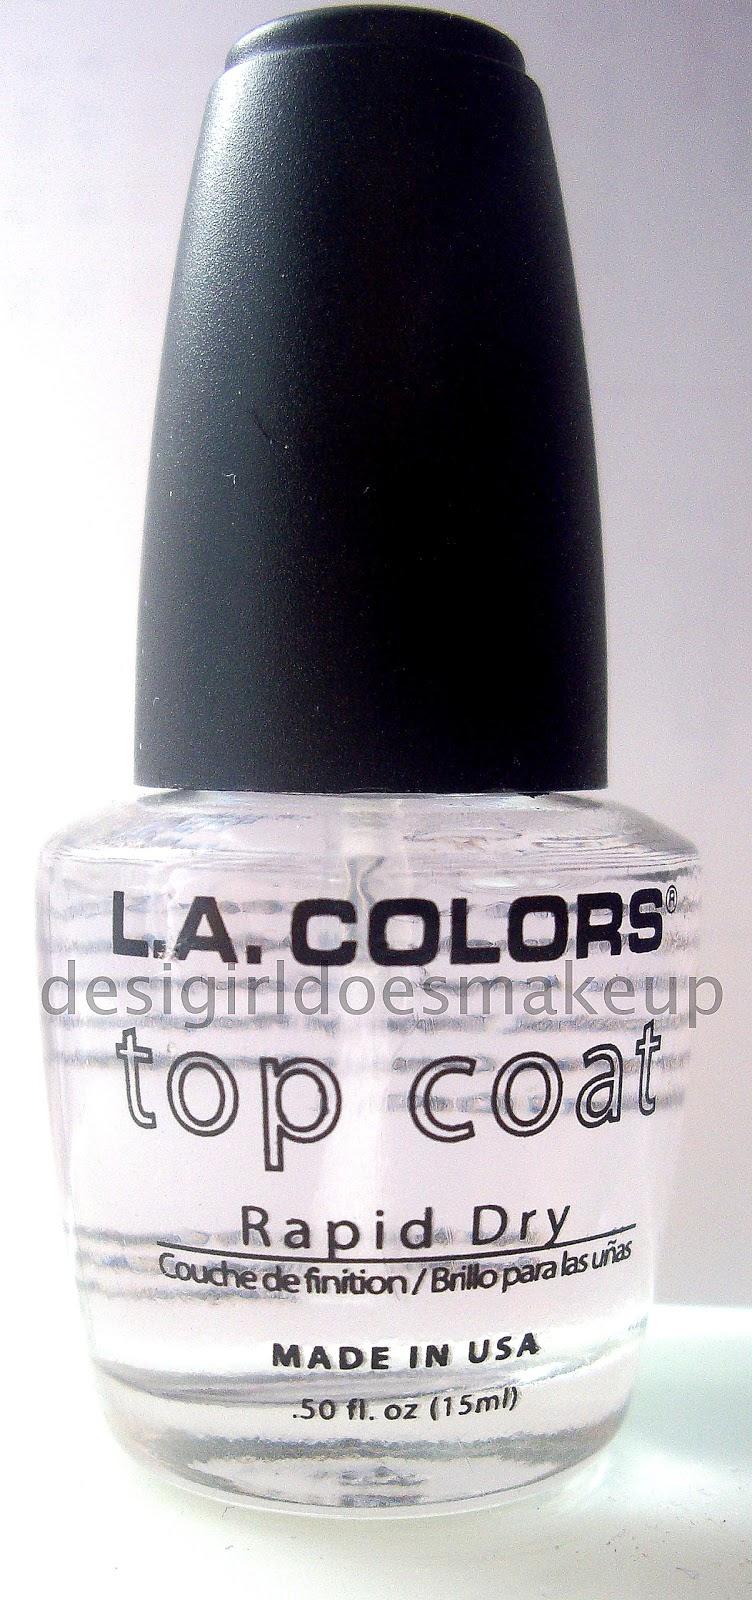 Desi Girl Does Makeup: L.A. Colors Top Coat